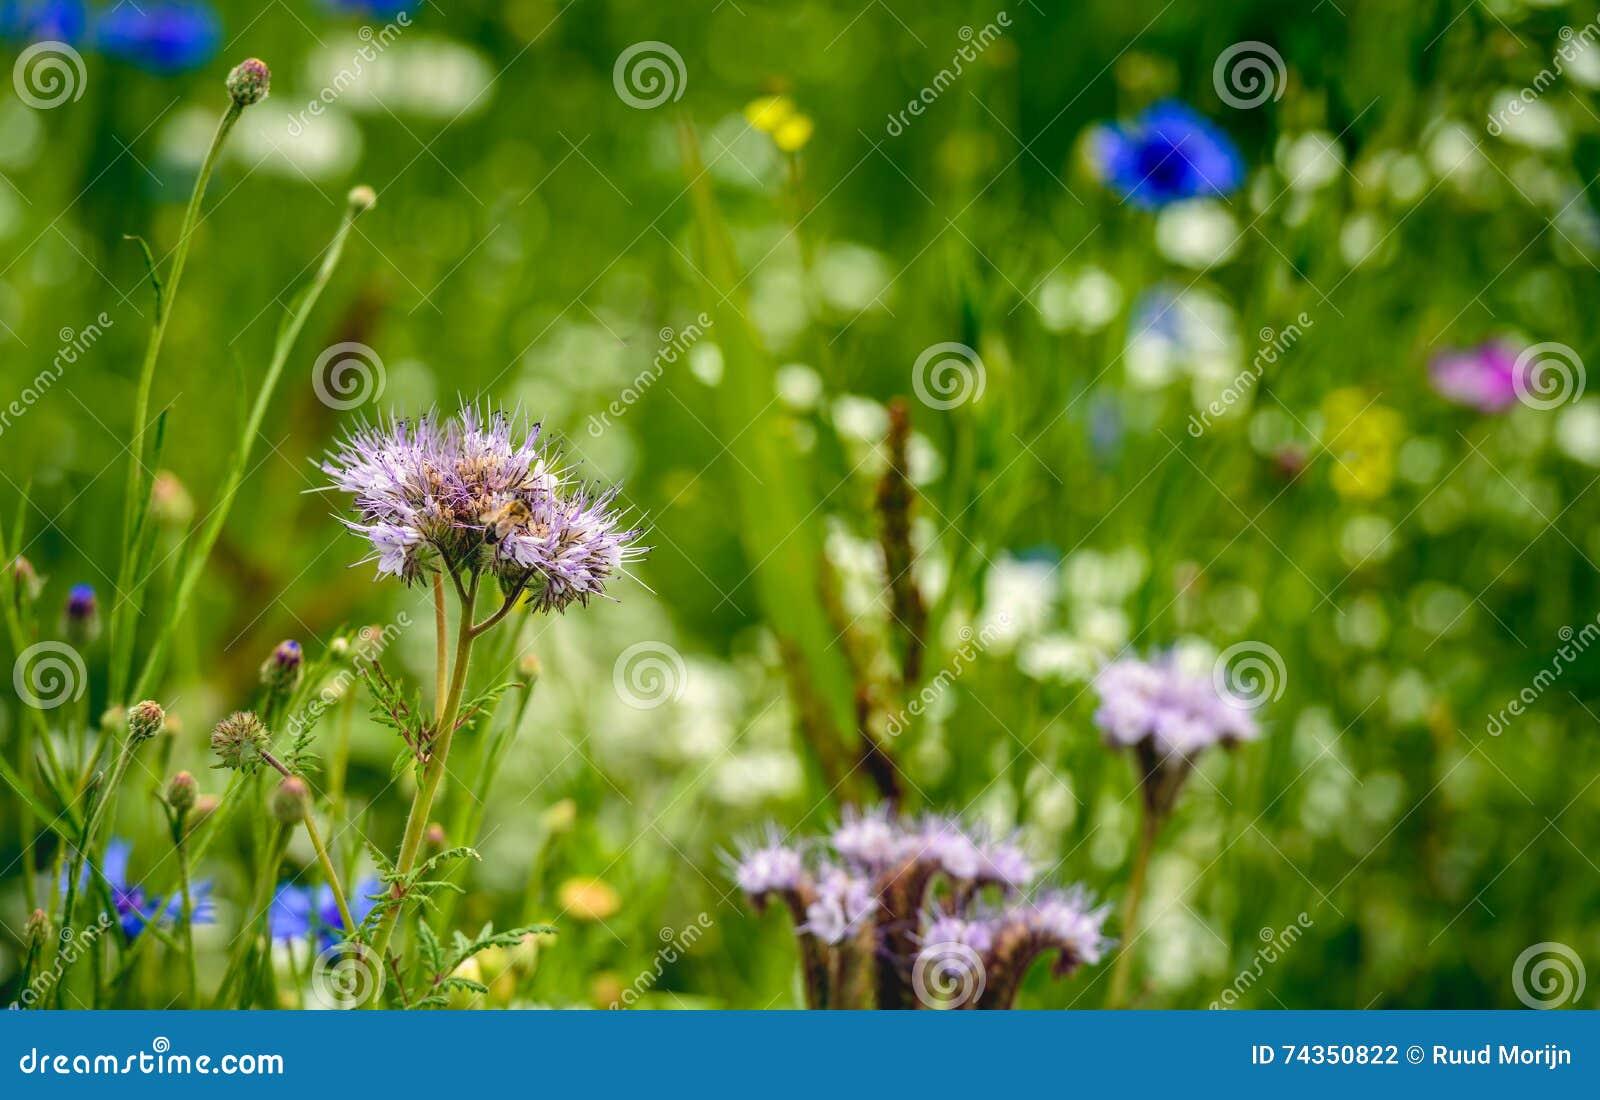 Gebiedsrand om het behoud van biodiversiteit te steunen